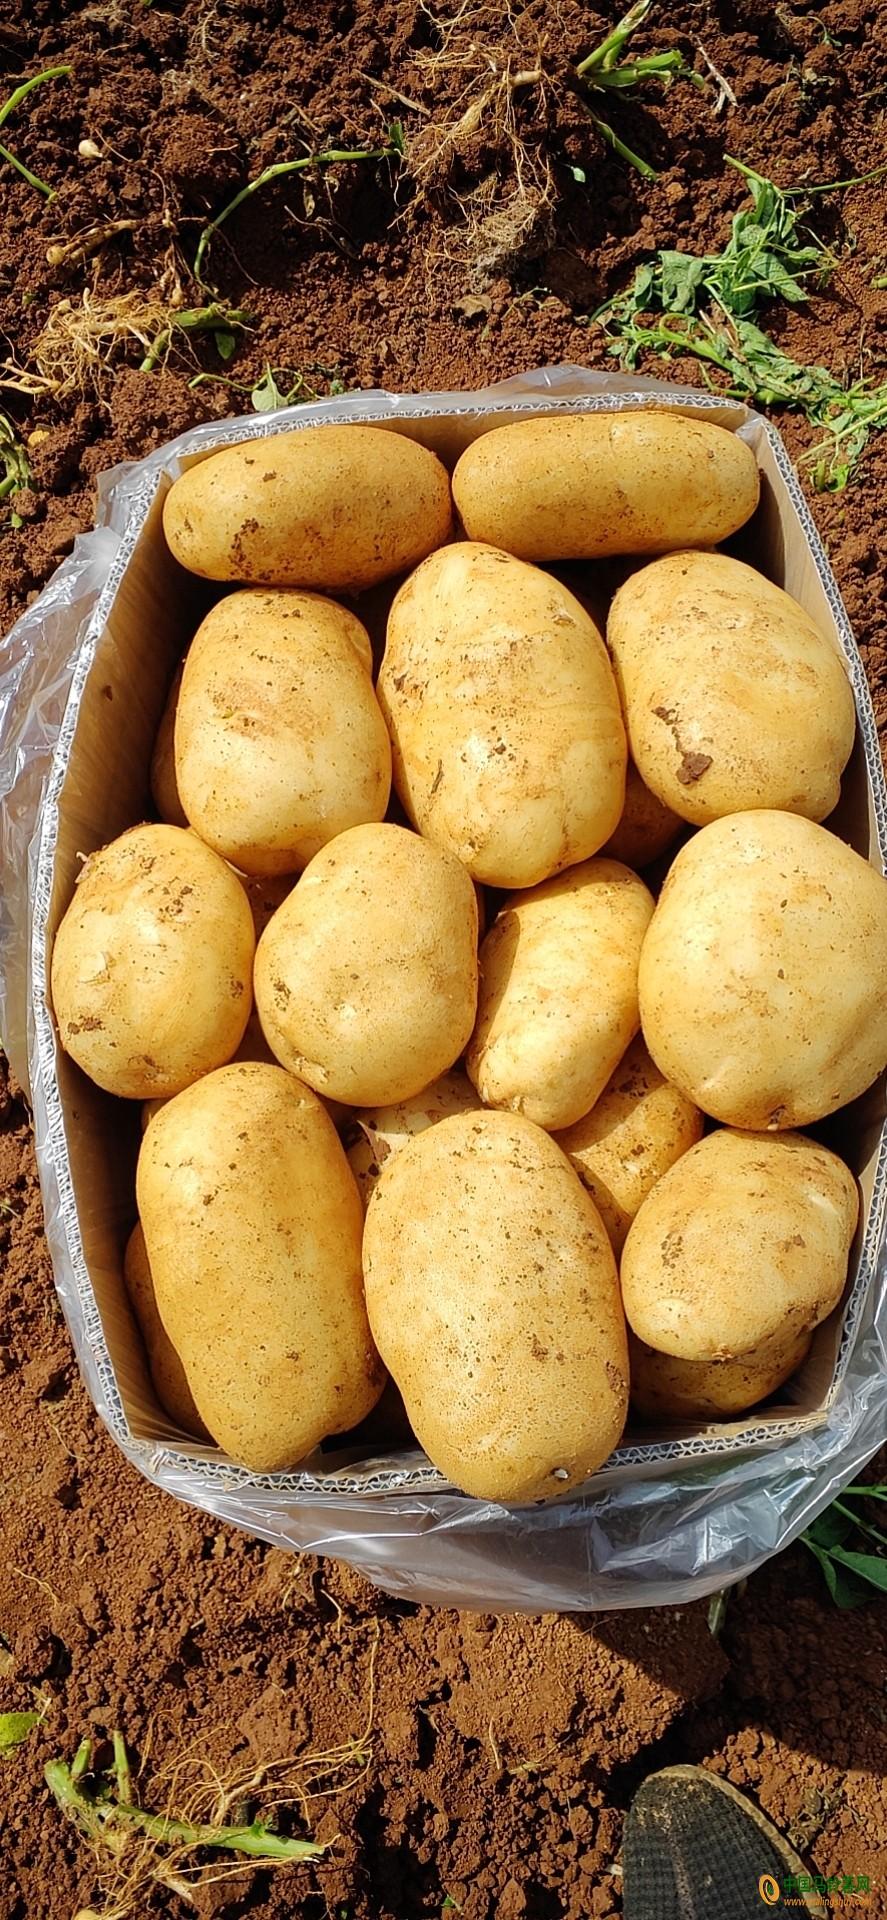 大量提供丽薯6号19987696940 ()